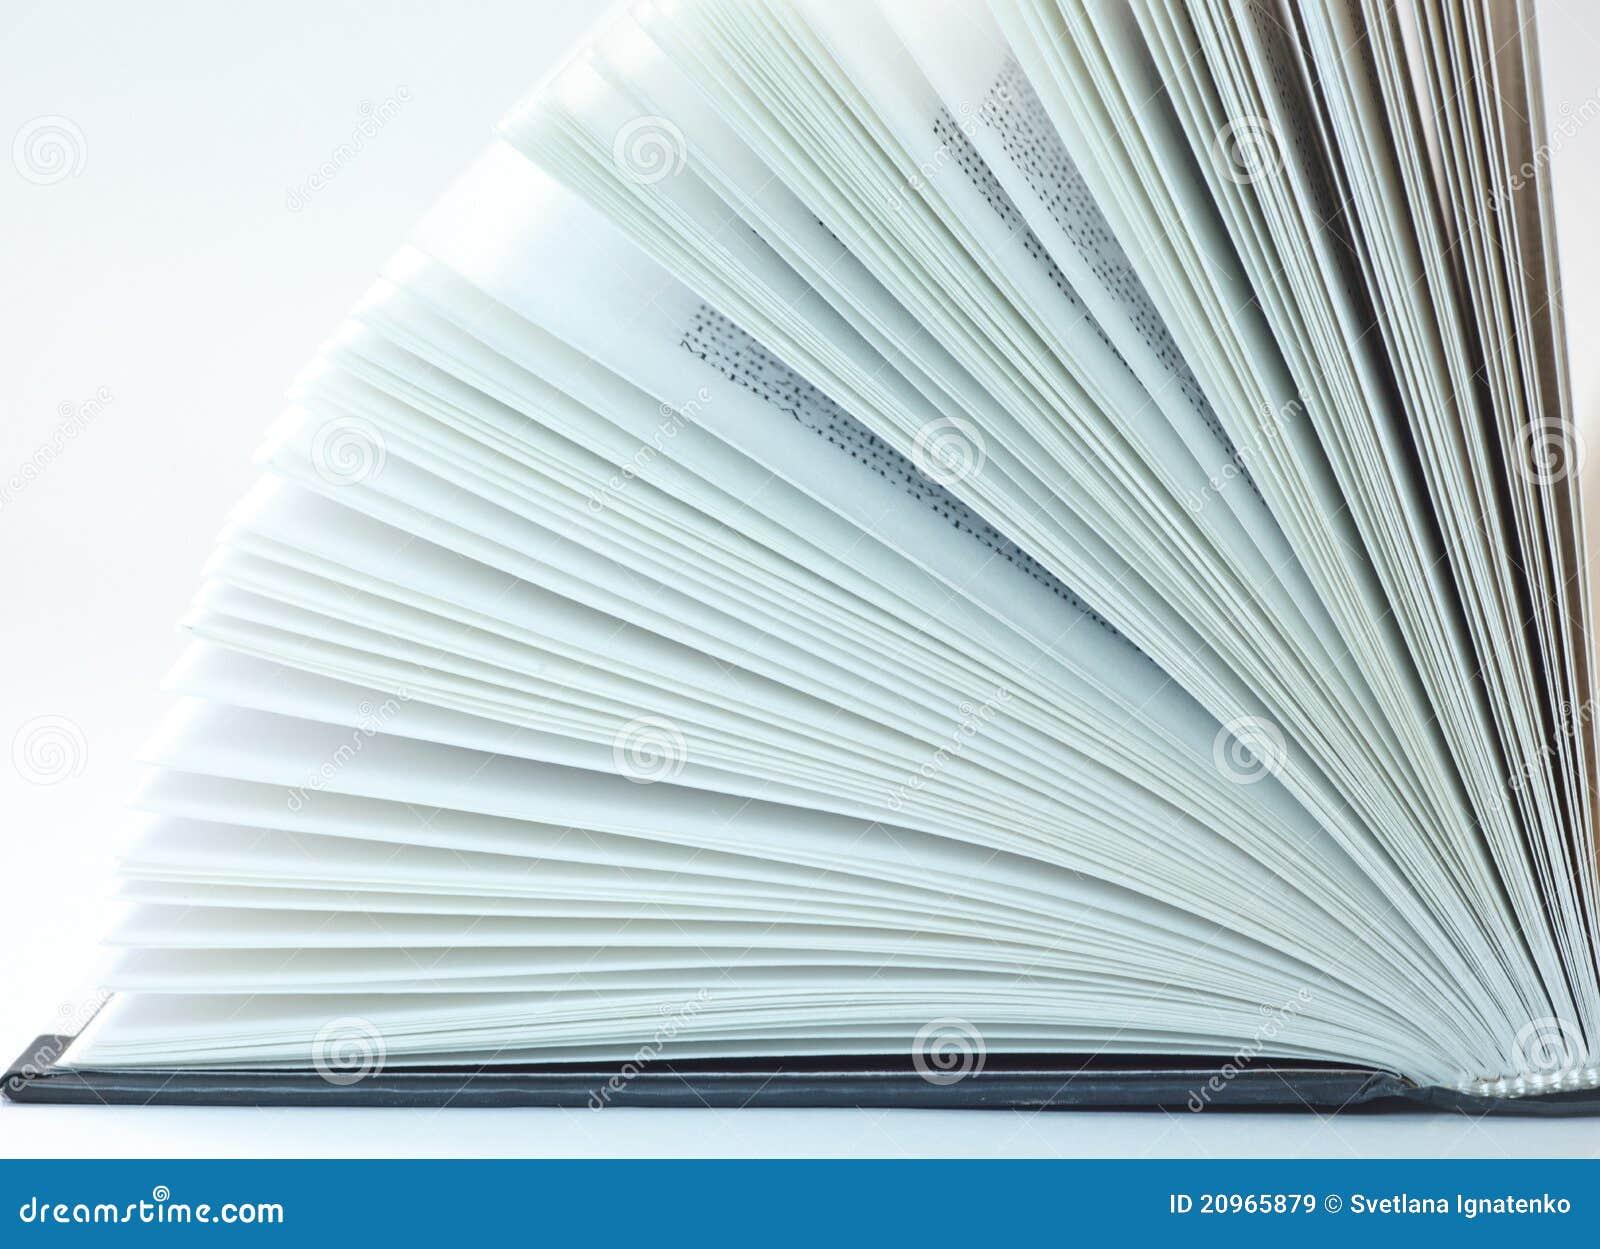 Paginaciones del libro